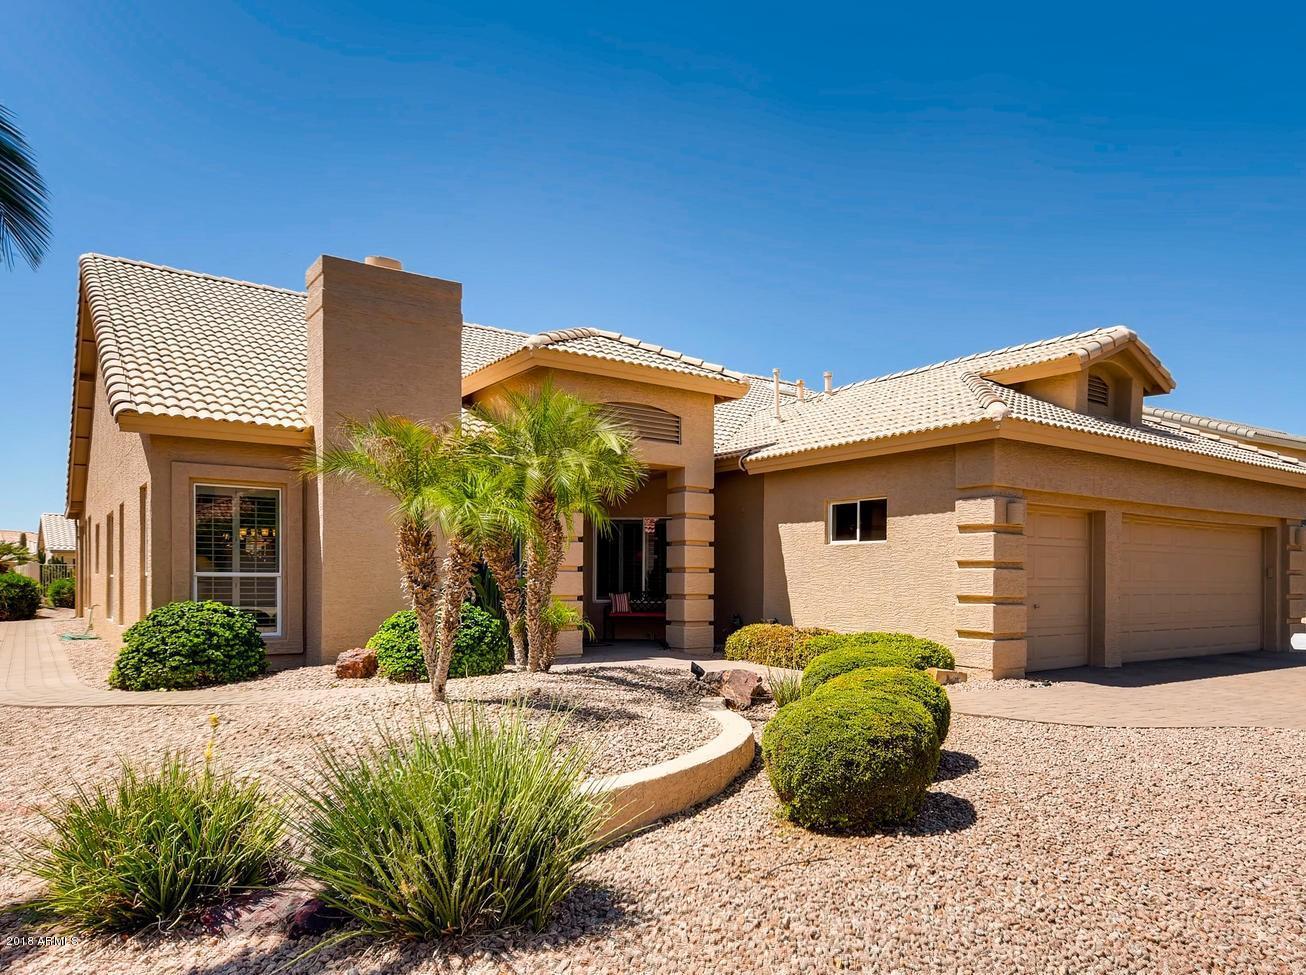 Photo for 9023 E Cedar Waxwing Drive, Sun Lakes, AZ 85248 (MLS # 5816153)